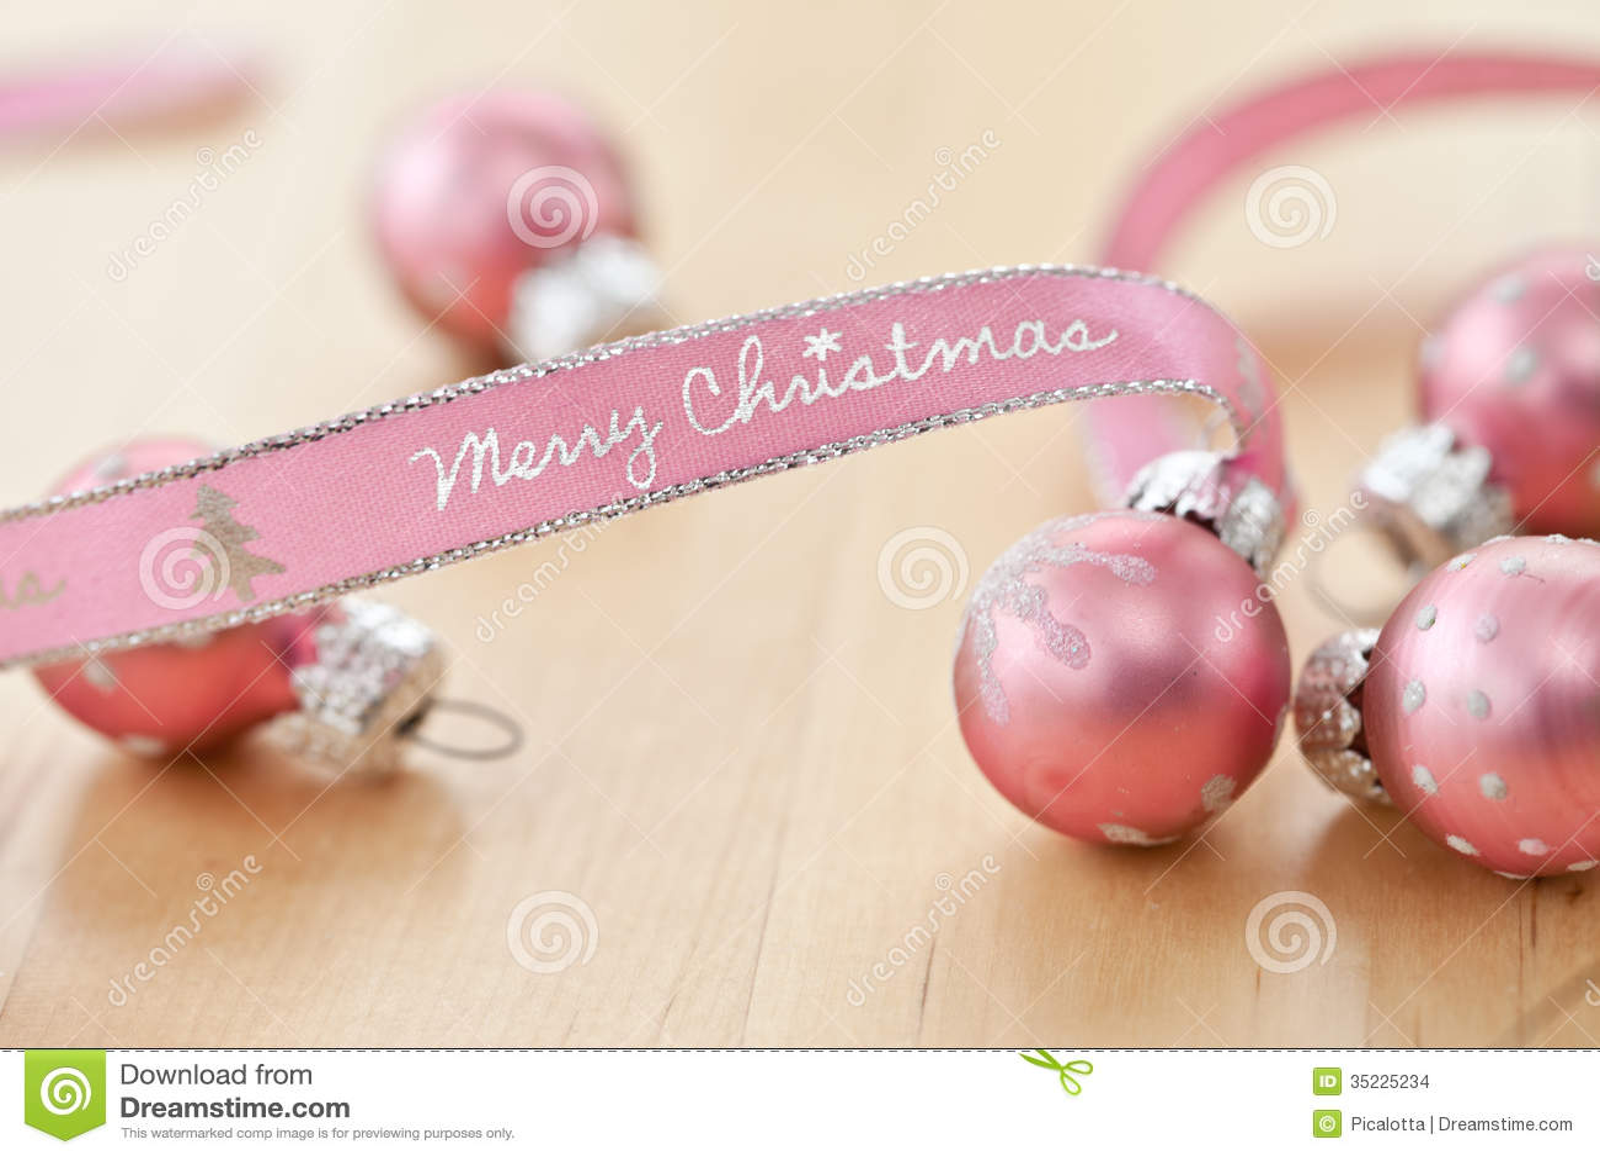 frohe weihnachten geschrieben auf rosa band stockbilder. Black Bedroom Furniture Sets. Home Design Ideas